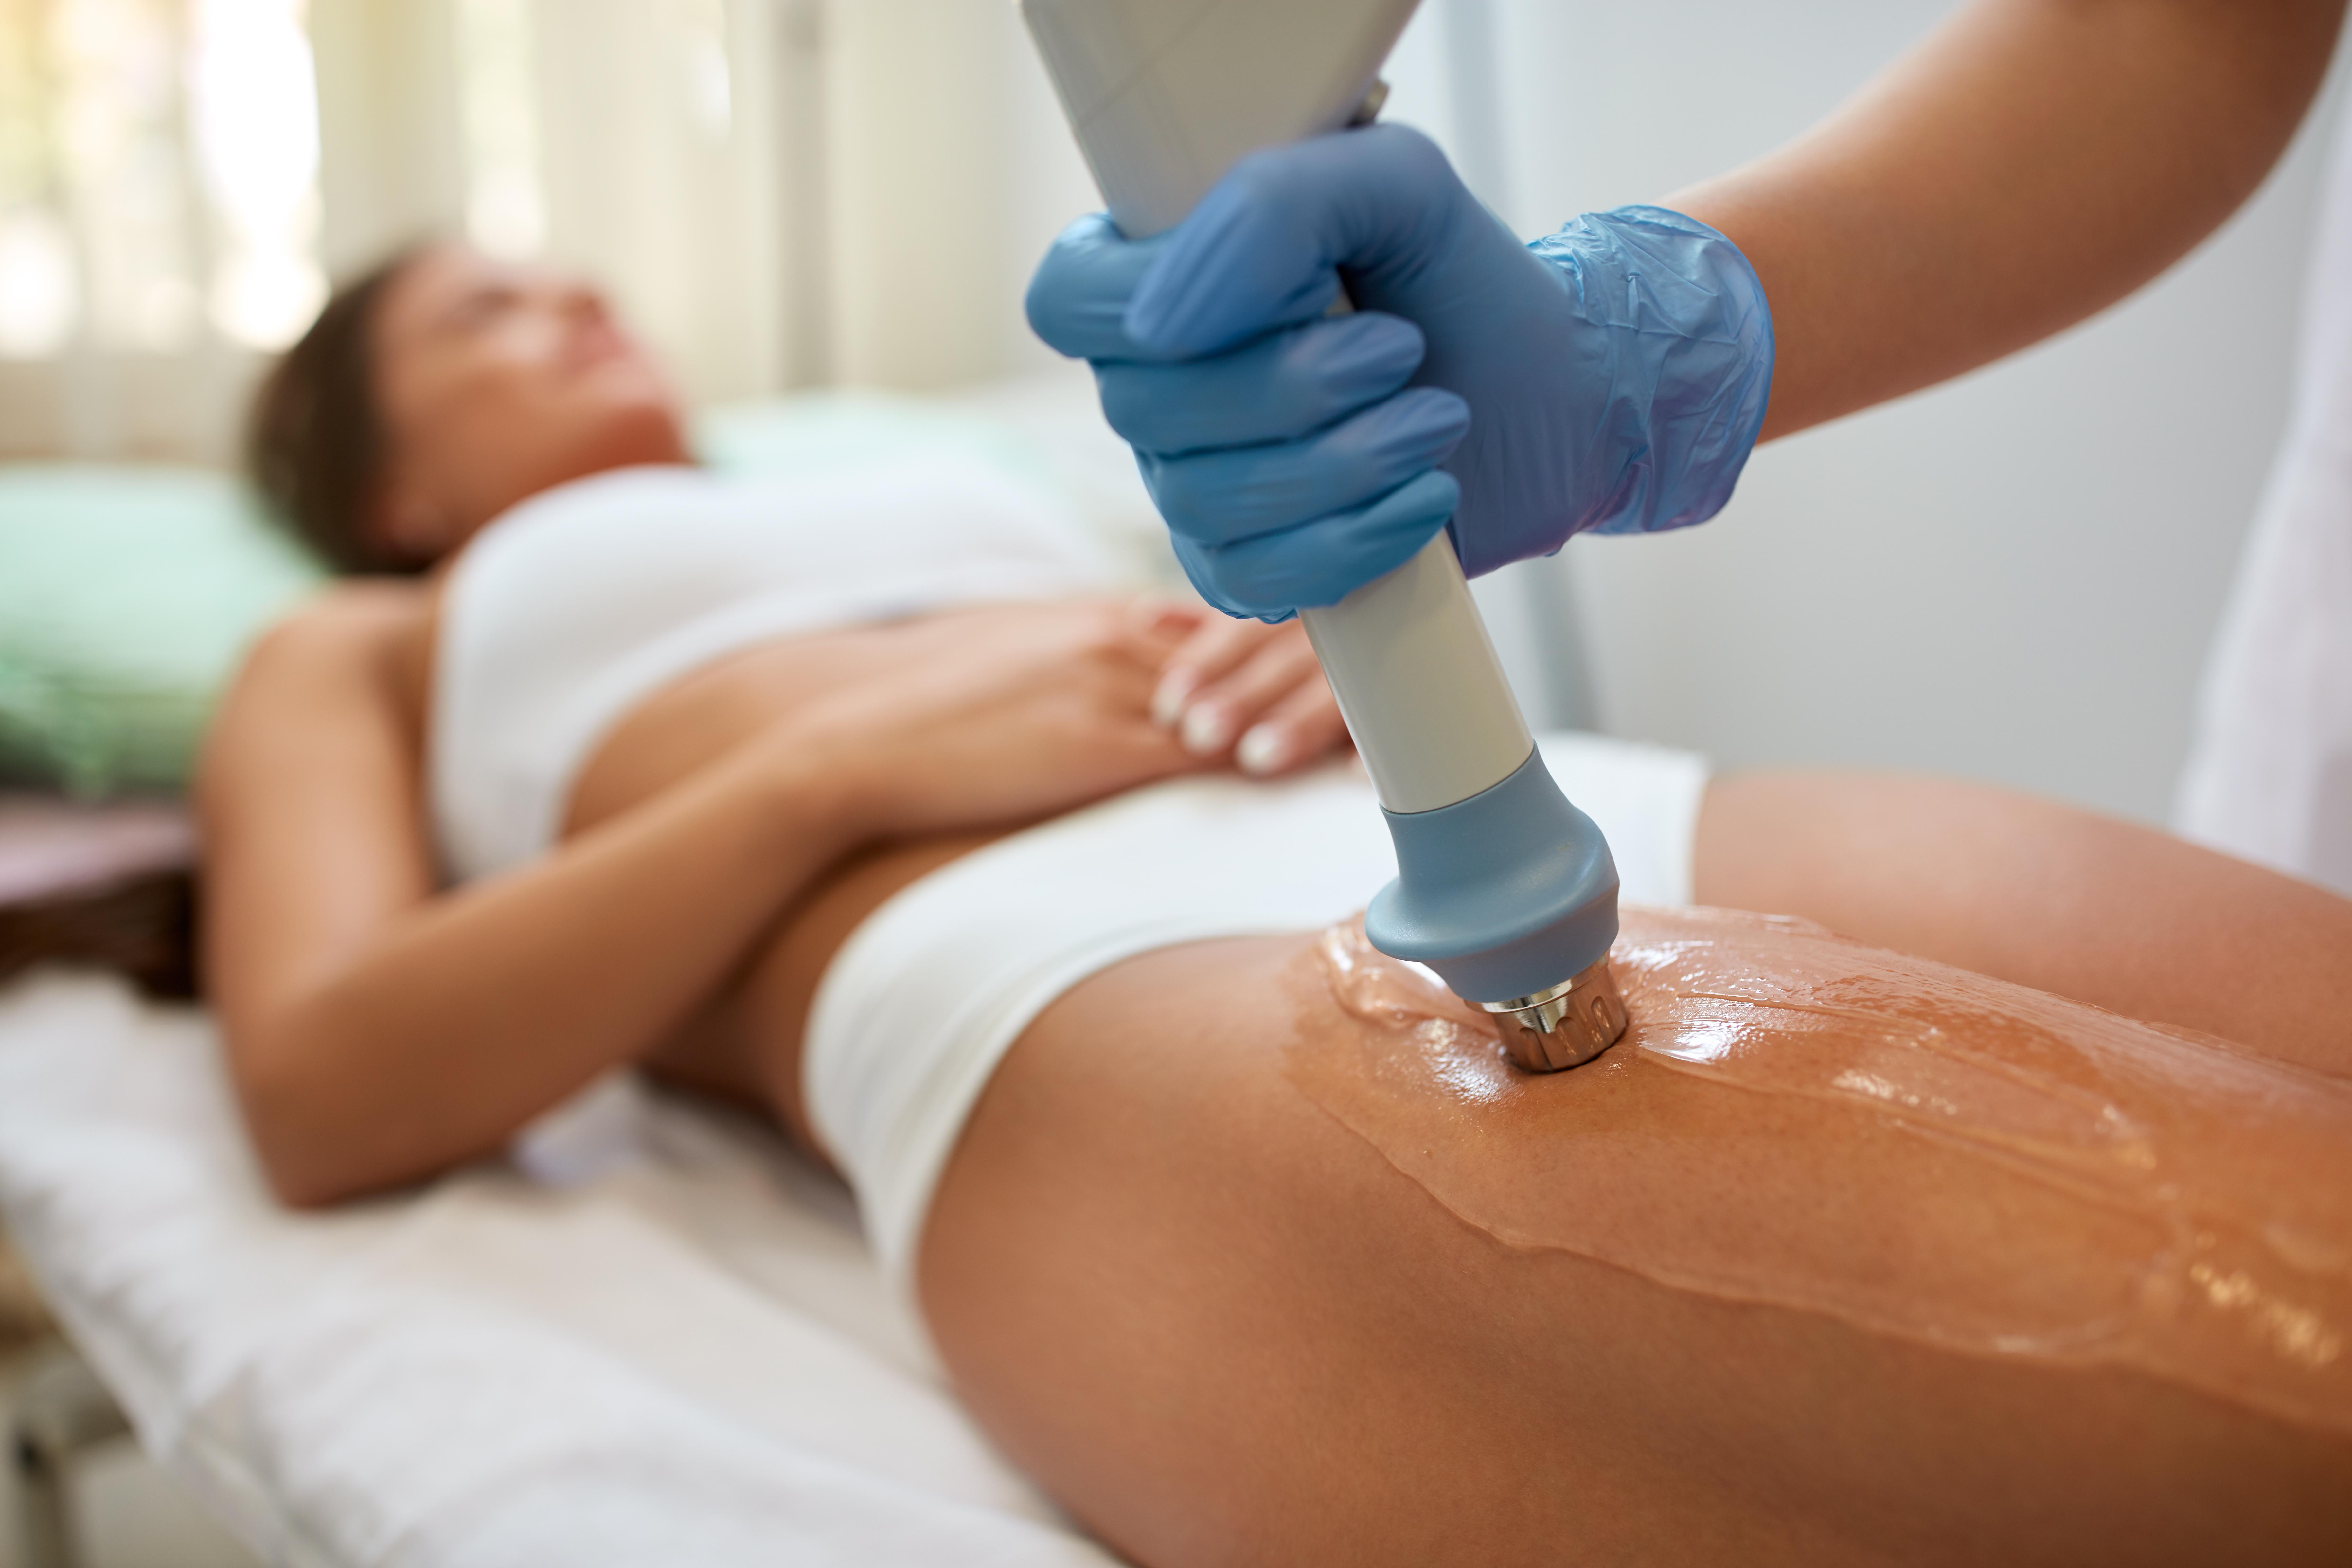 Strie, celulitida, přebytečný tuk i povislá kůže. Ne každá metoda umí tyto problémy řešit tak šetrně a současně viditelně jako laserová liposukce SlimLipo.